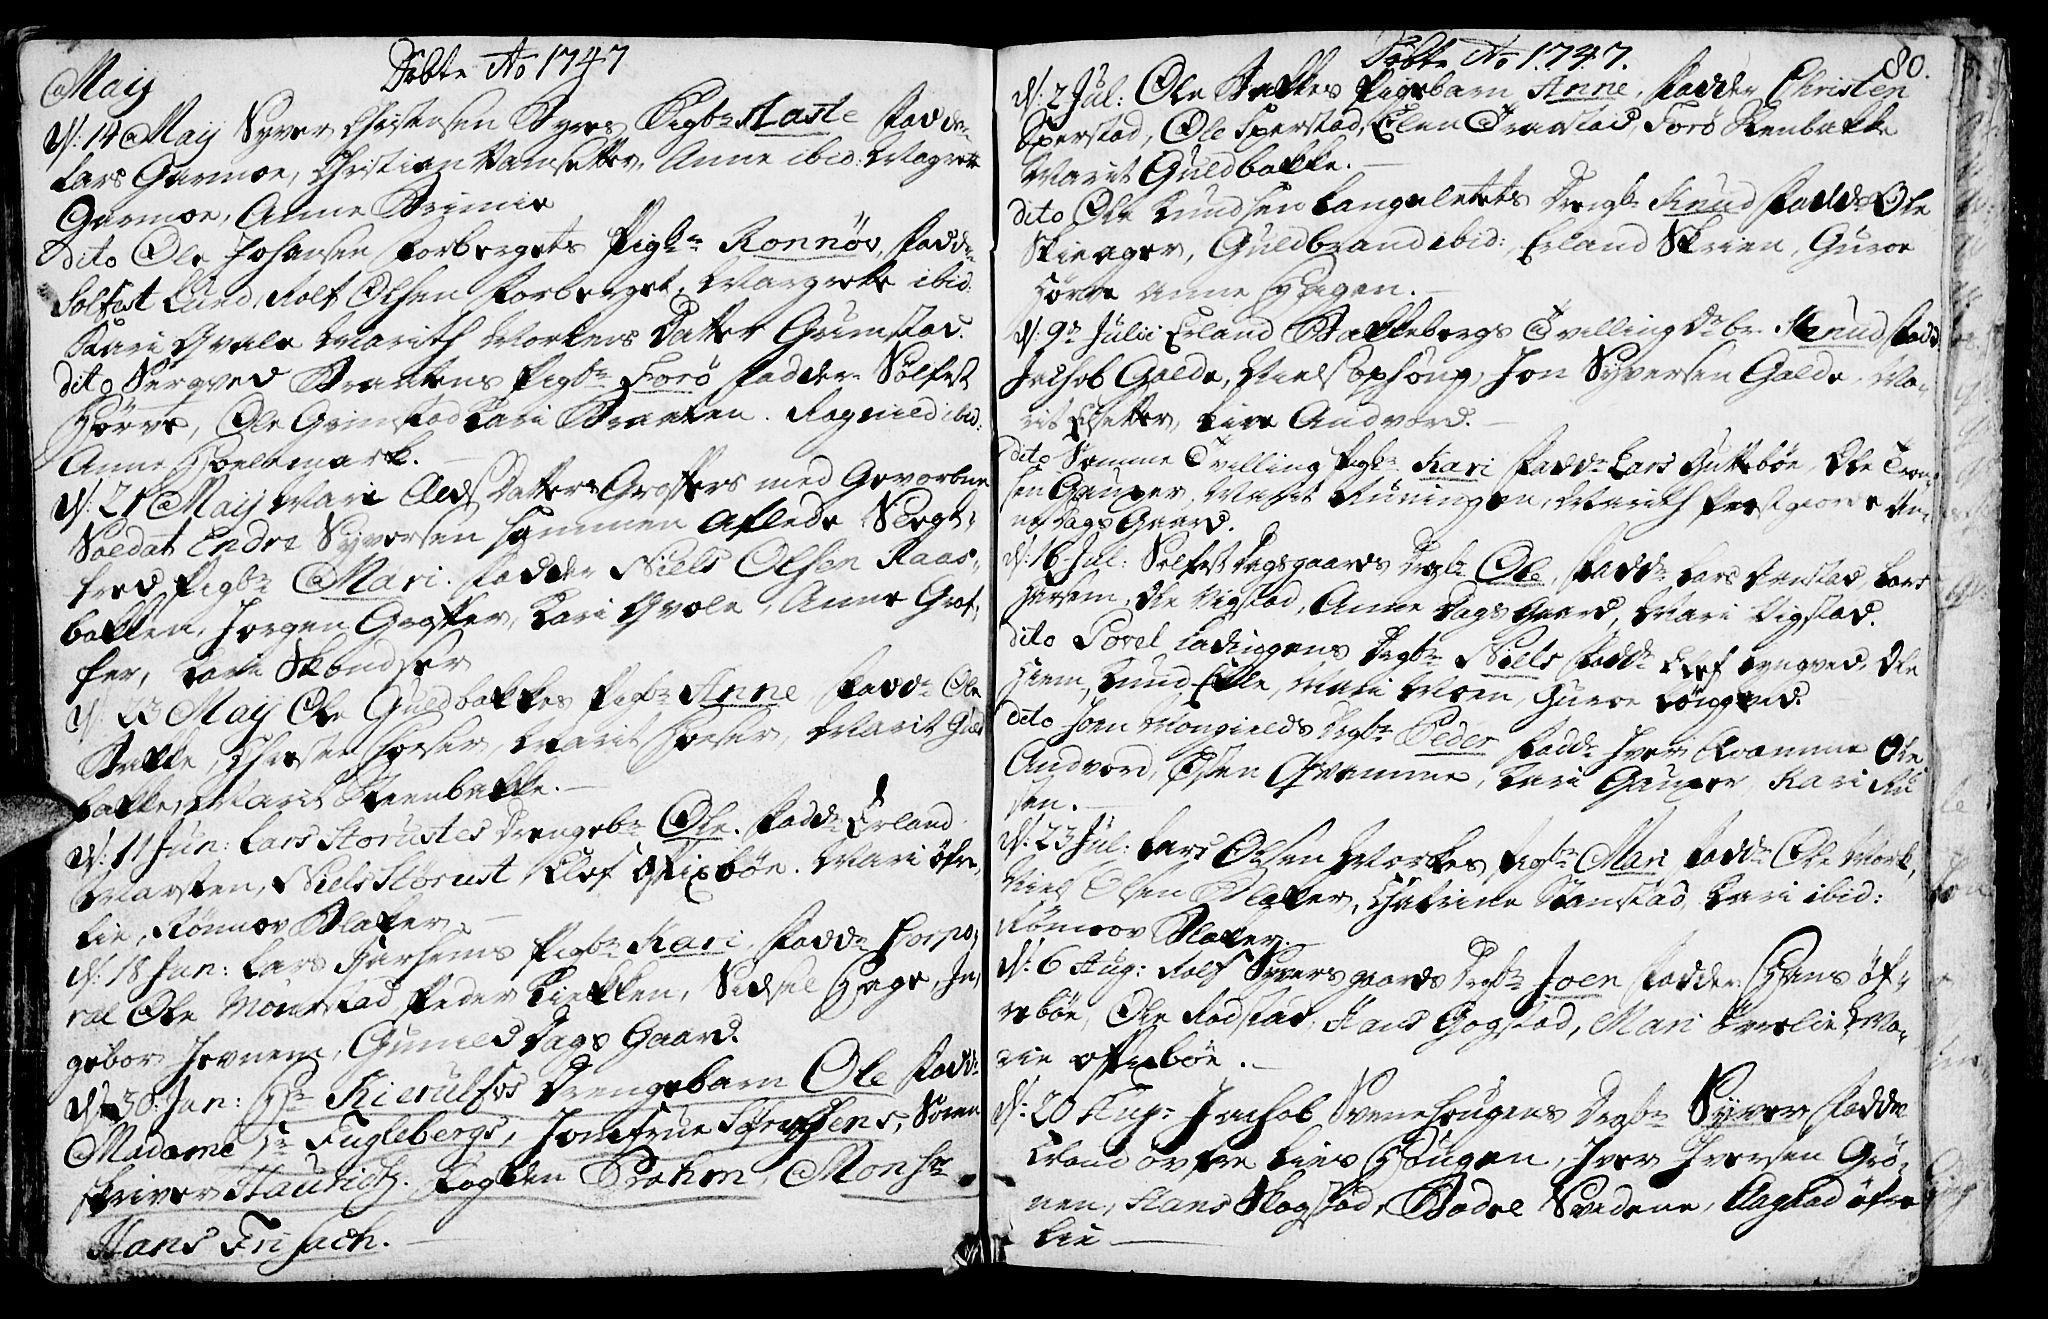 SAH, Lom prestekontor, K/L0001: Ministerialbok nr. 1, 1733-1748, s. 80